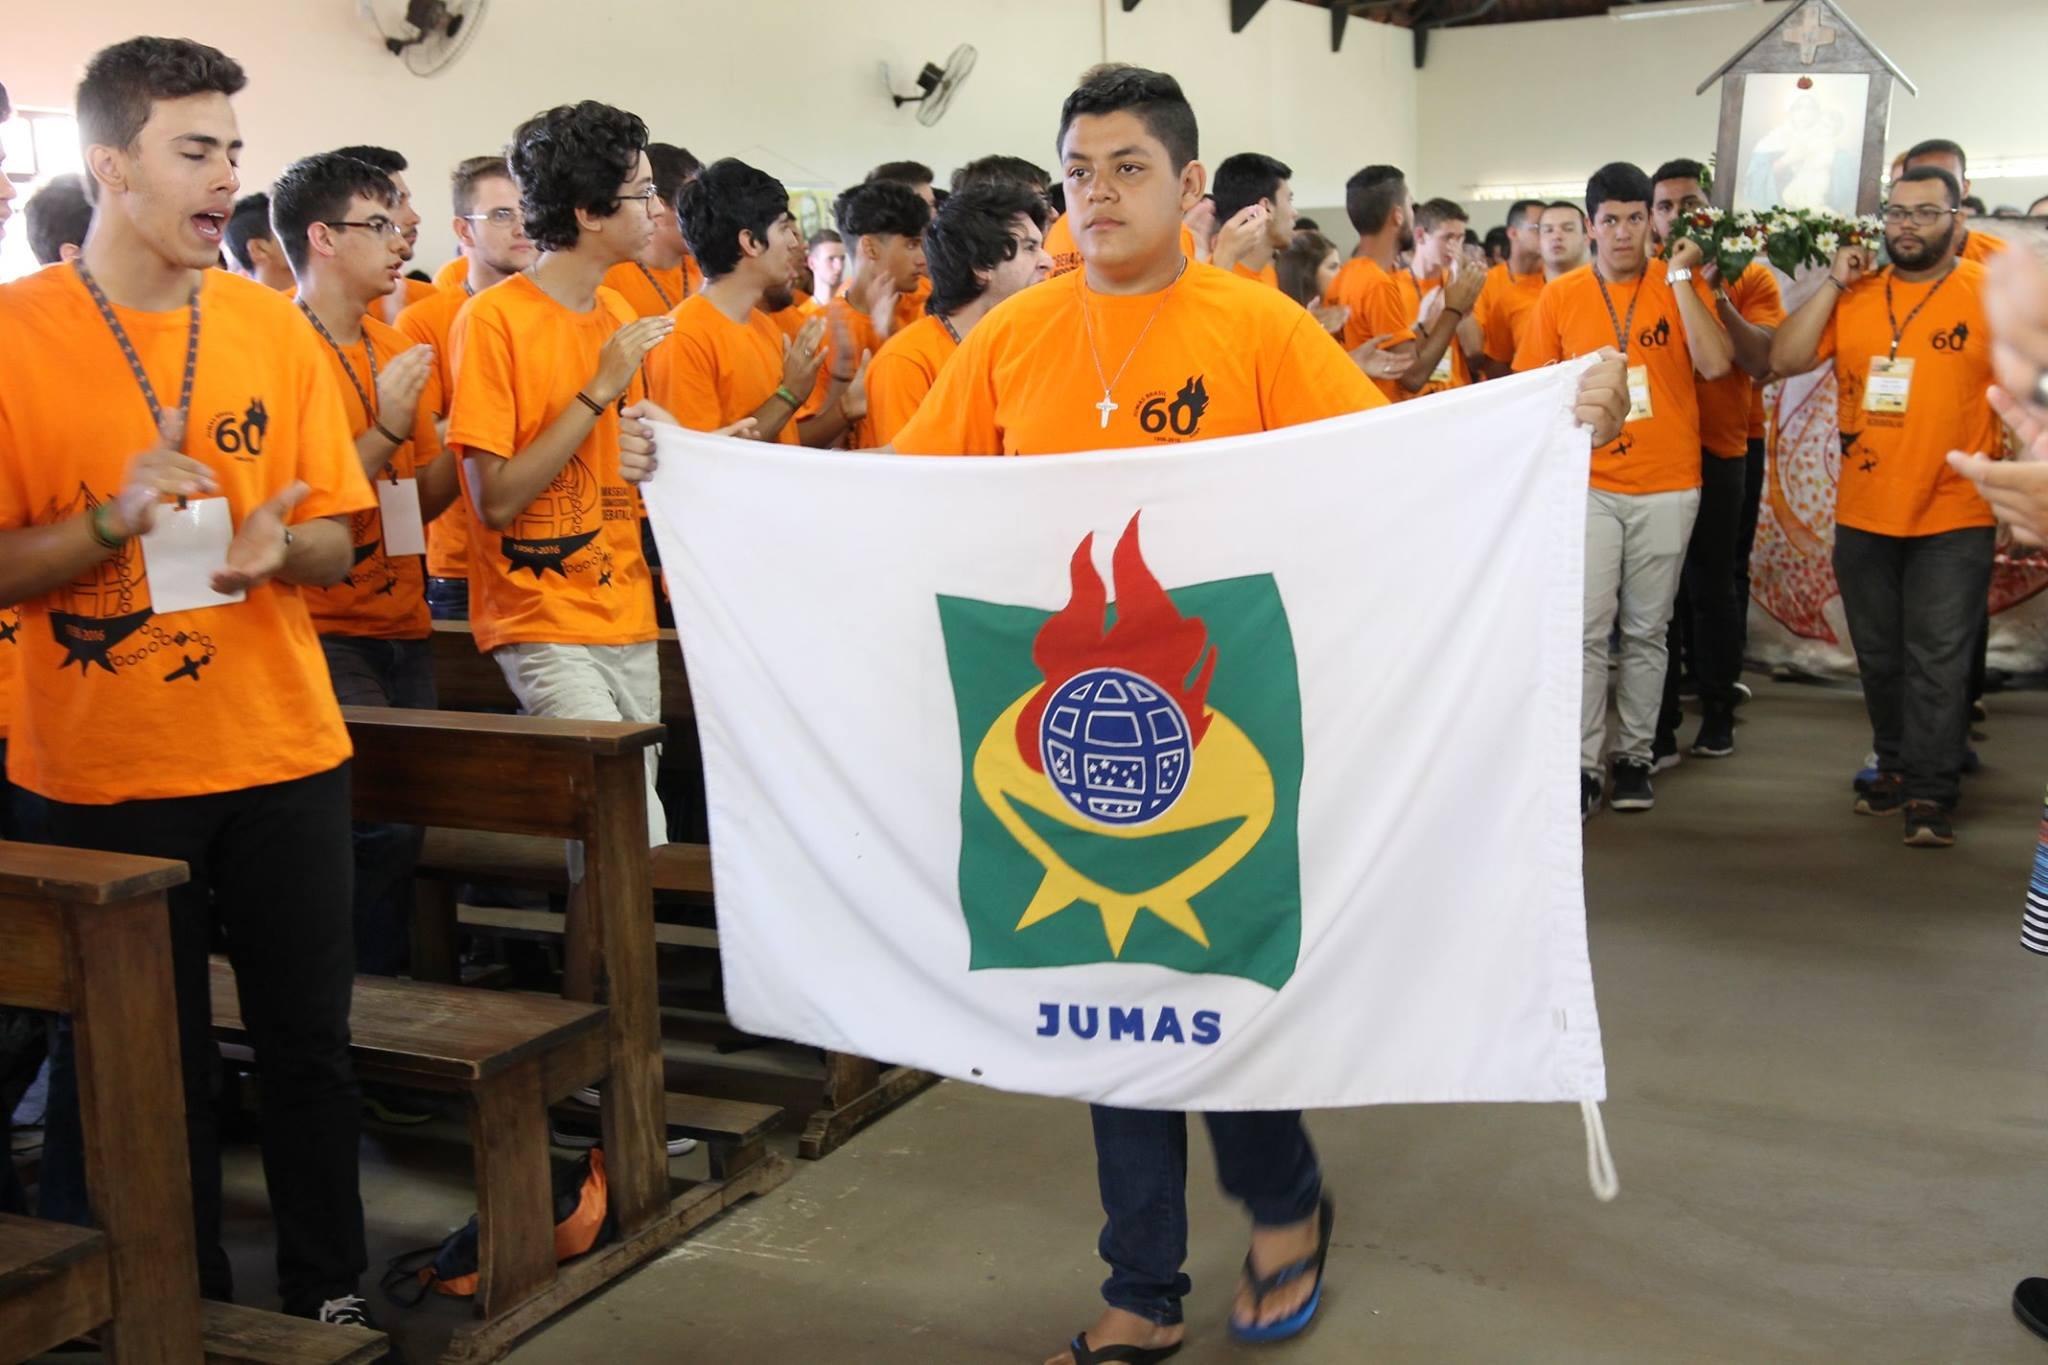 161118-jumas-brasil-60-16